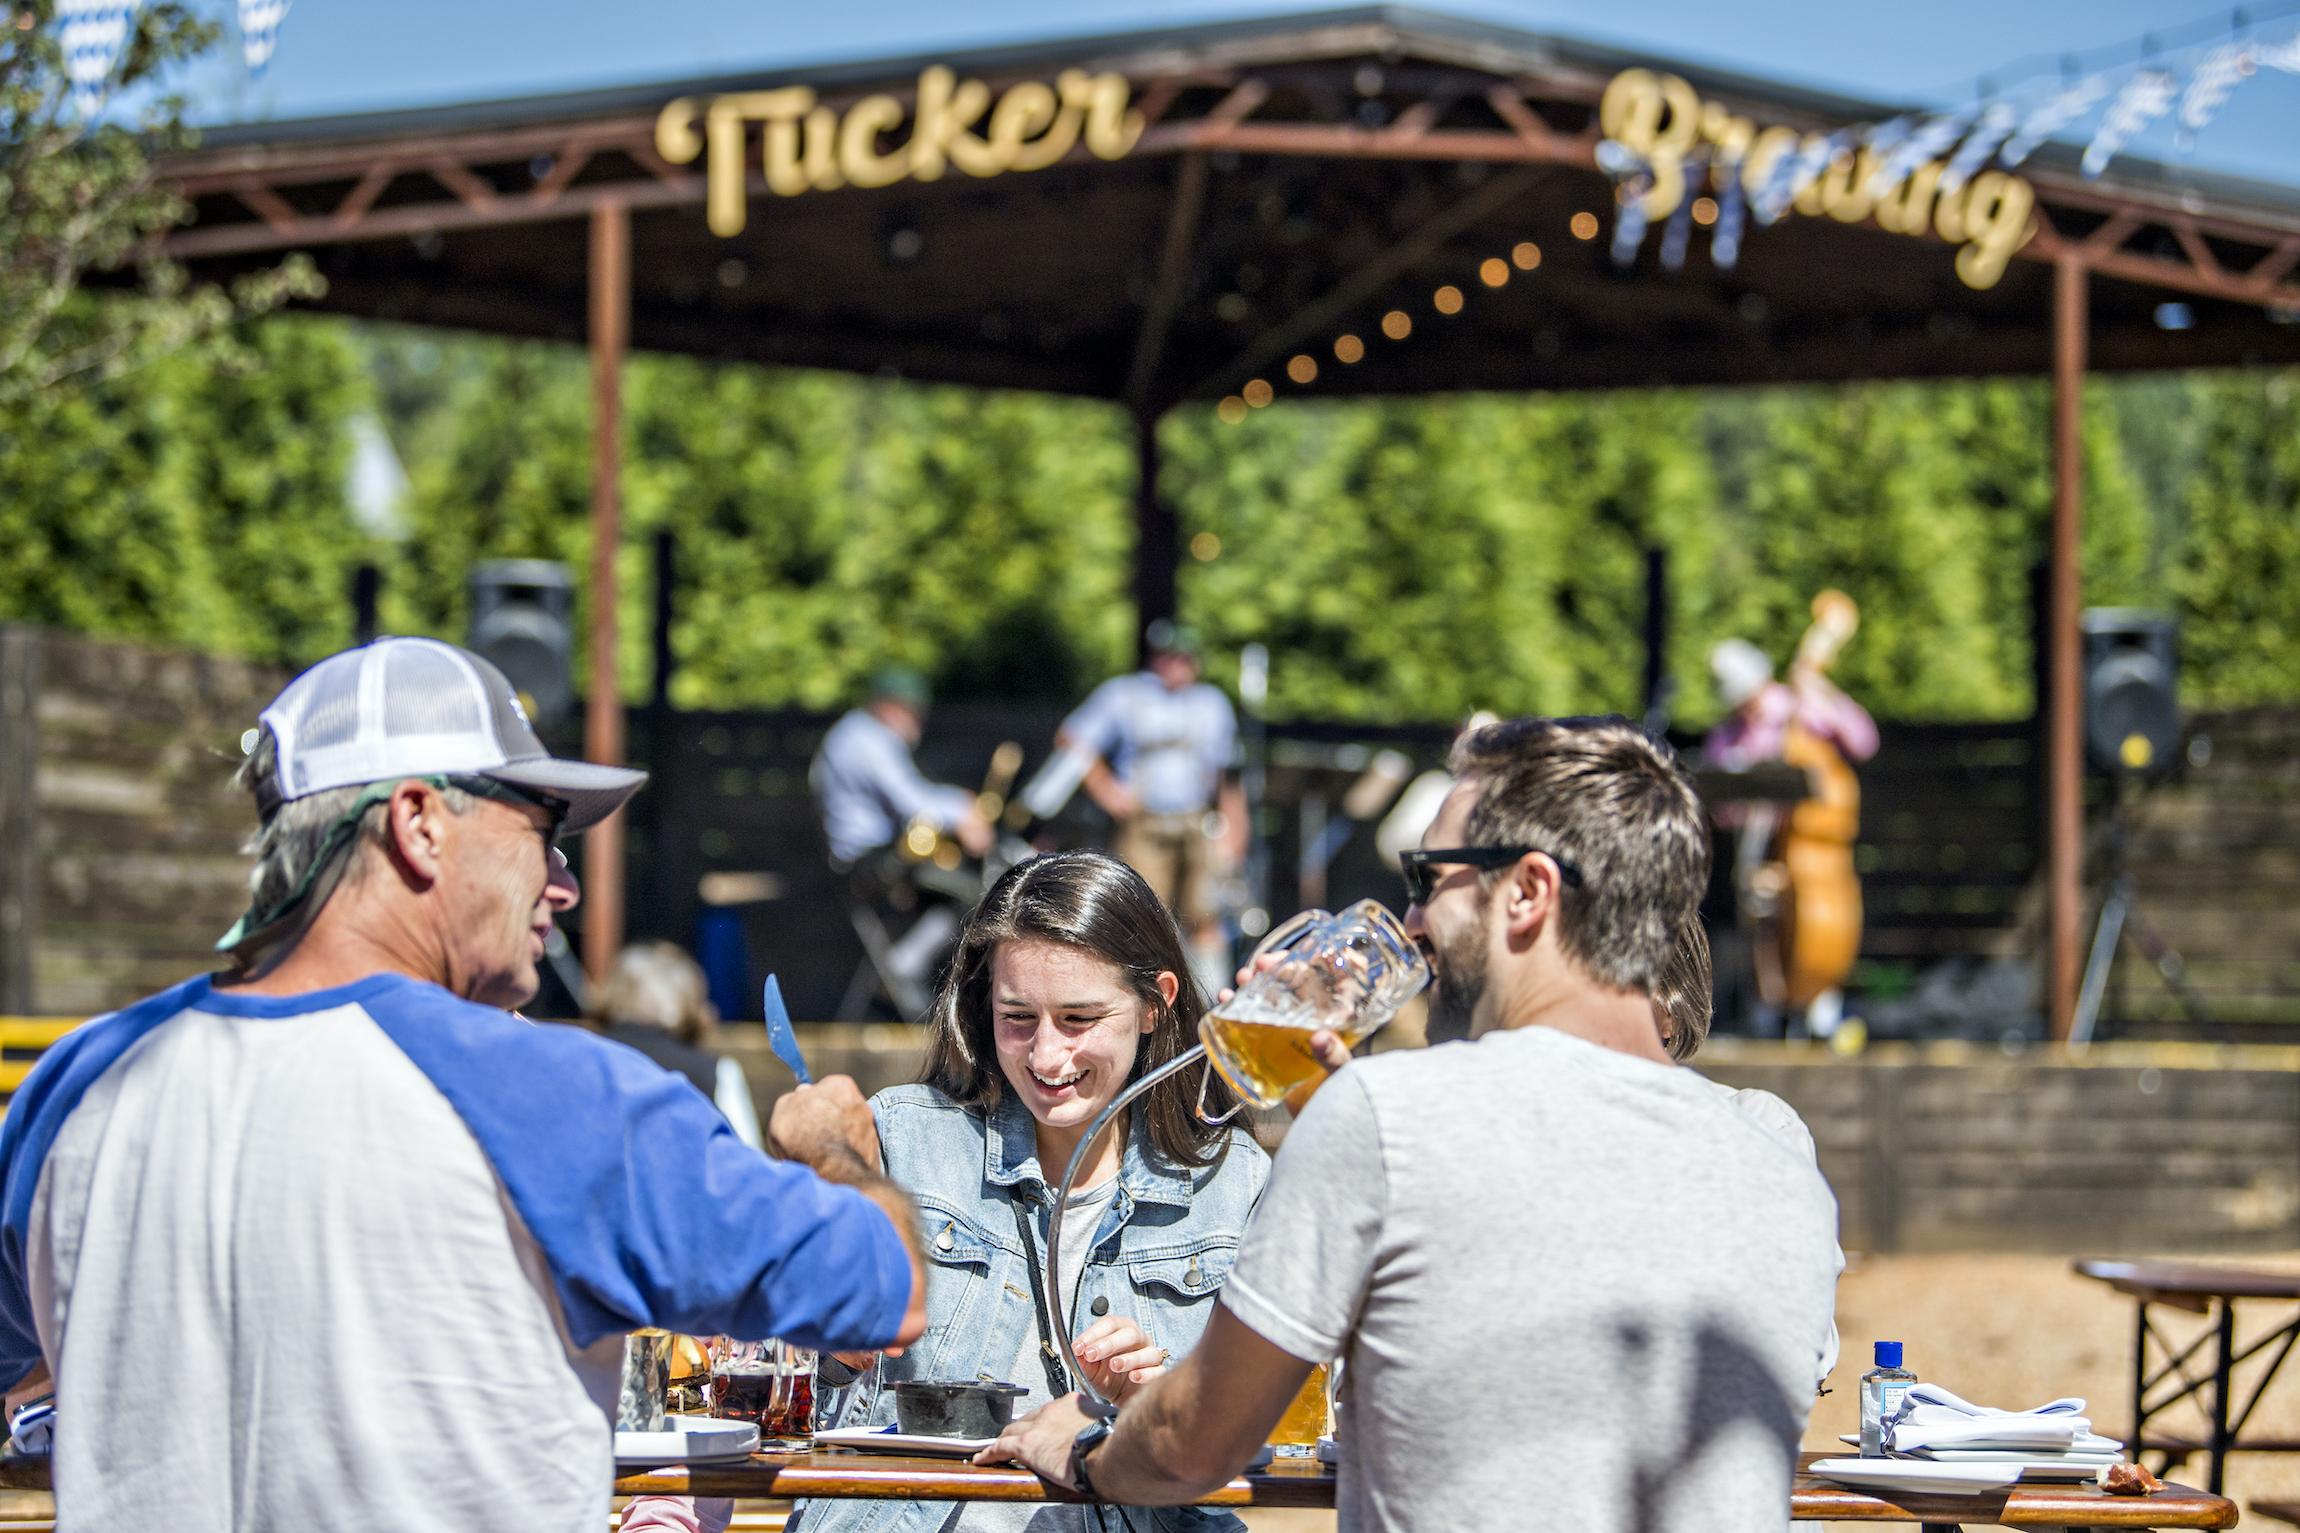 beers-and-cheers-in-the-beer-garden